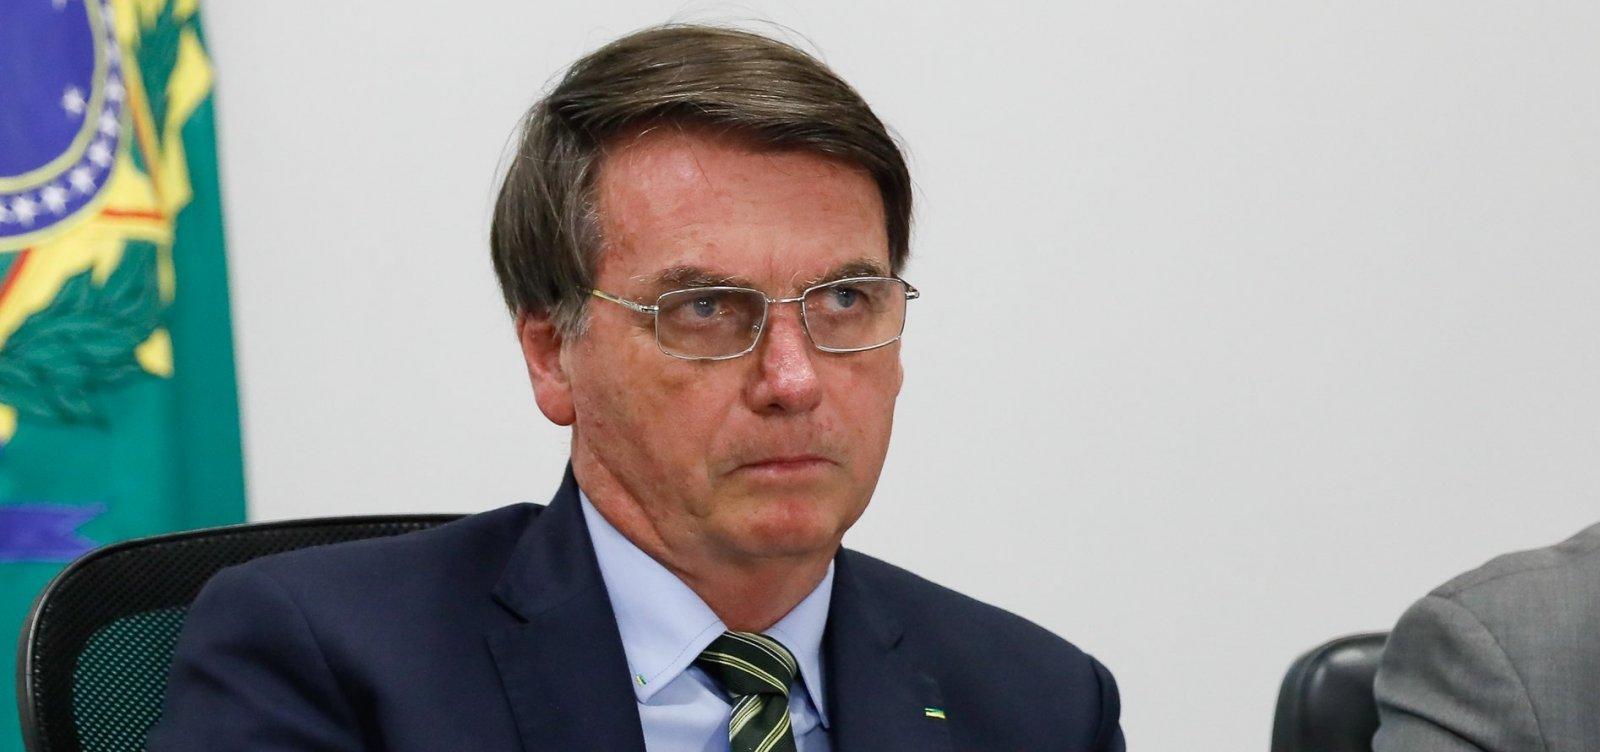 [Bolsonaro paga R$ 6,2 bi em emendas e atinge recorde de repasses a parlamentares]